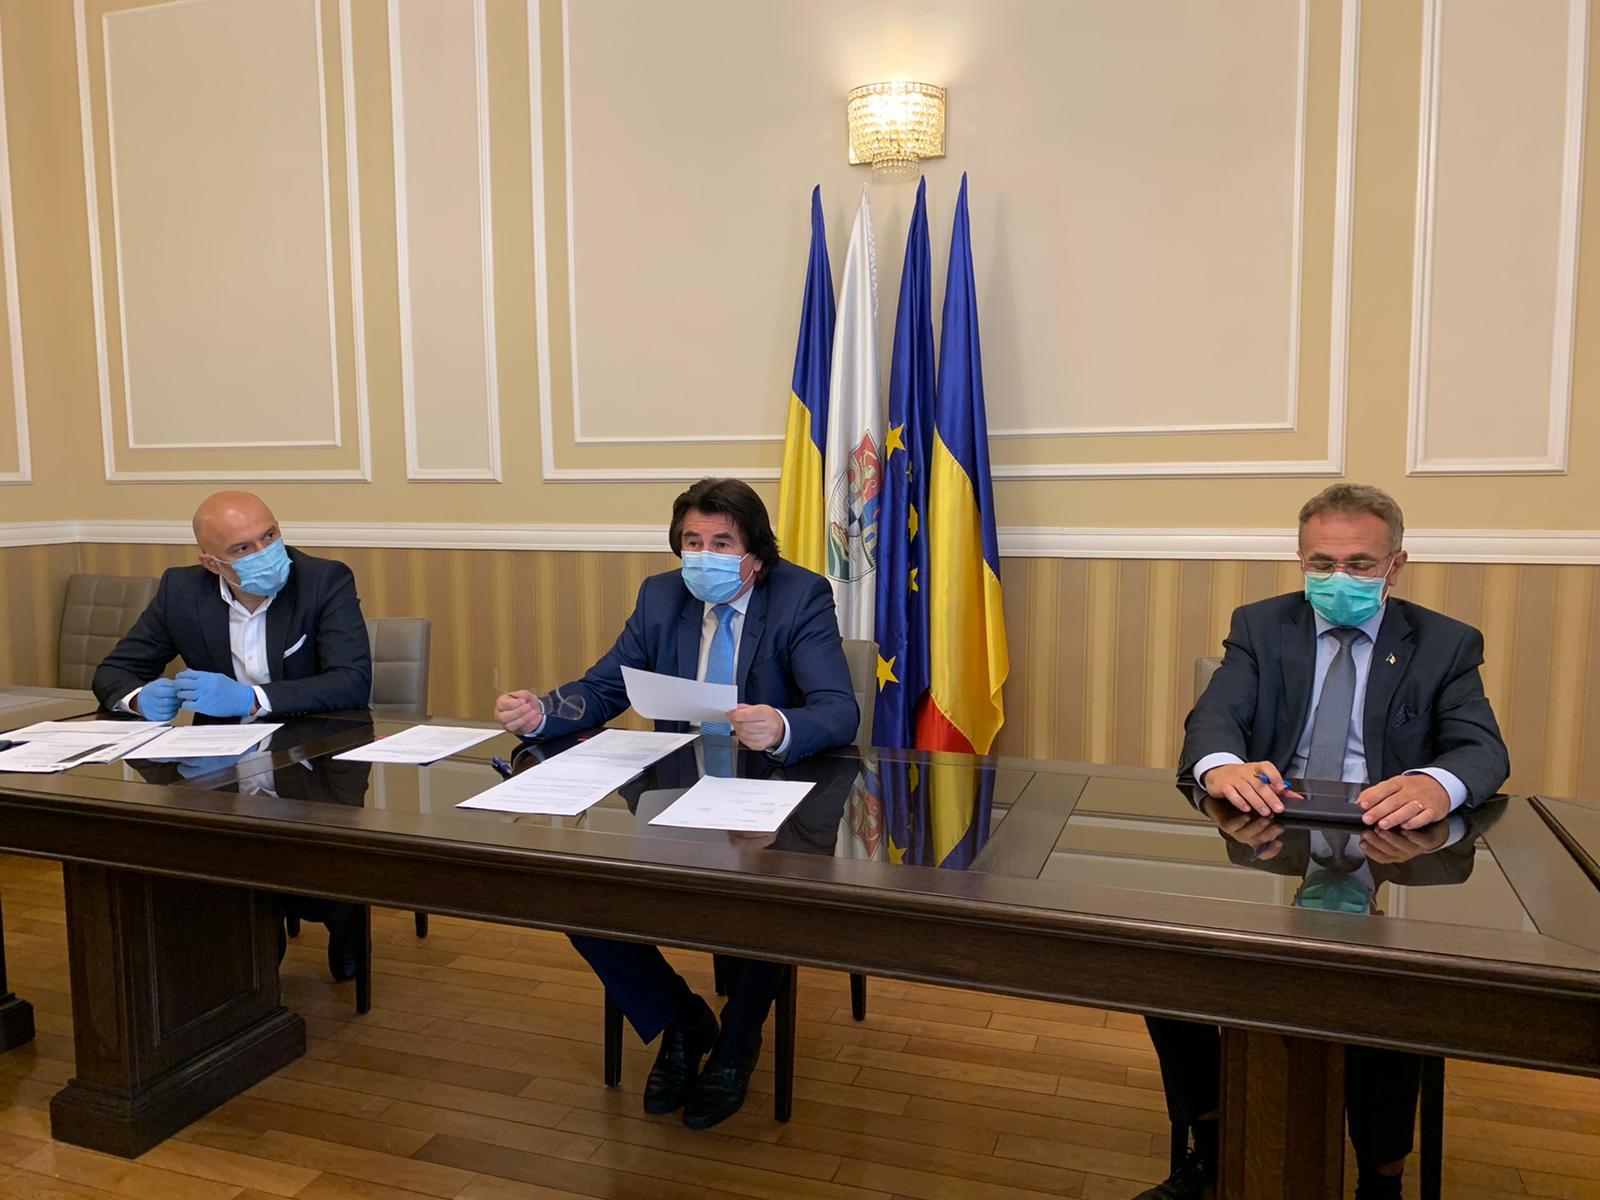 A fost semnat şi ultimul contract din proiectul de înnoire a flotei de tramvaie din  Timişoara